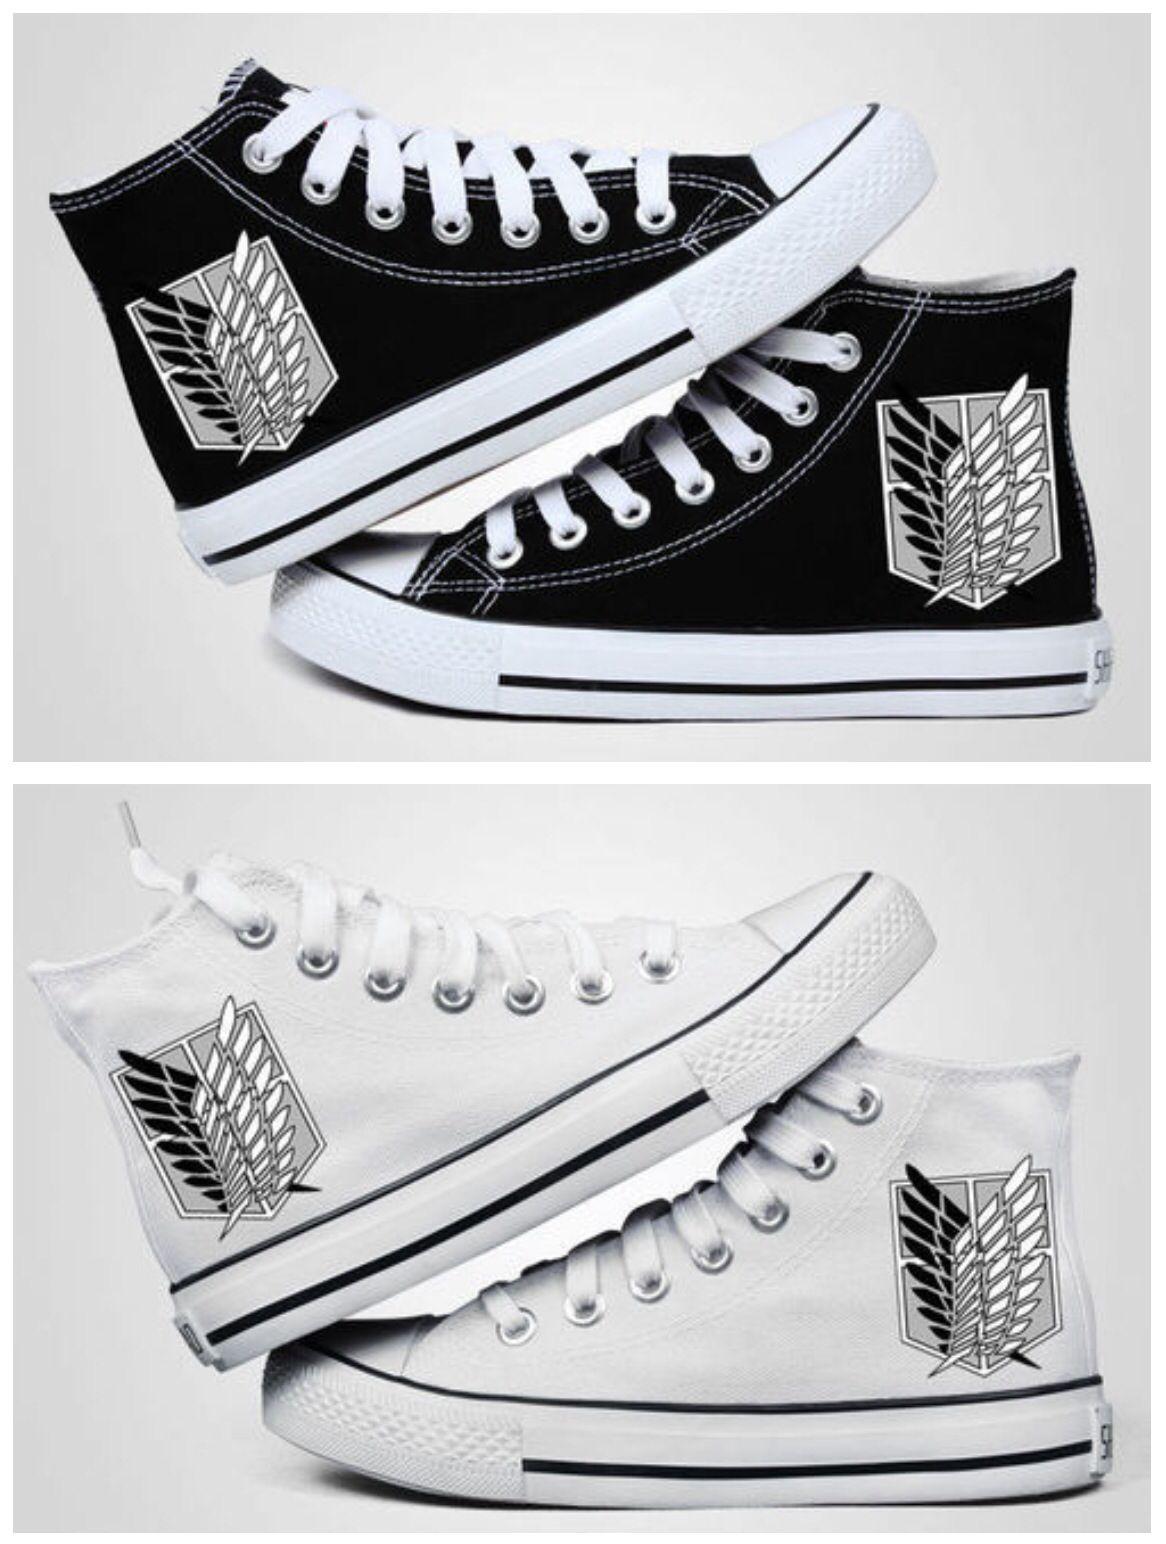 attack on titan shoes | Zapatos kawaii, Zapatos pintados